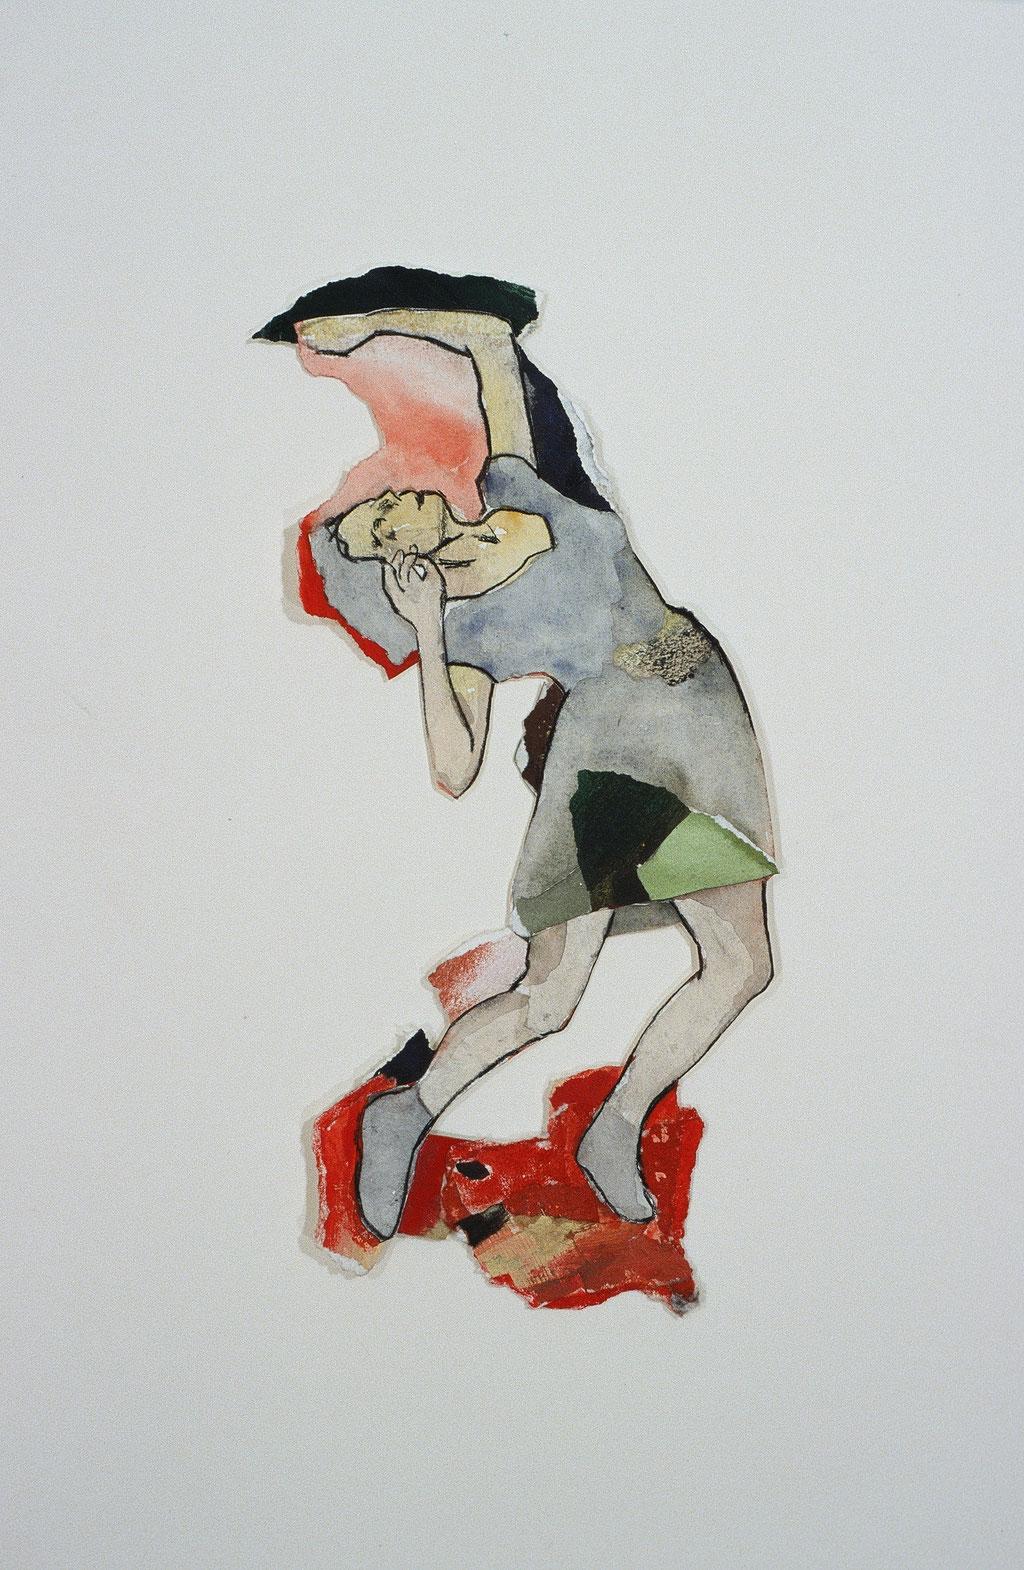 """Pétrification, 1997, 34 x 16 cm - 13"""" x 6.5"""", techniques mixtes sur papier - mixed media on paper."""